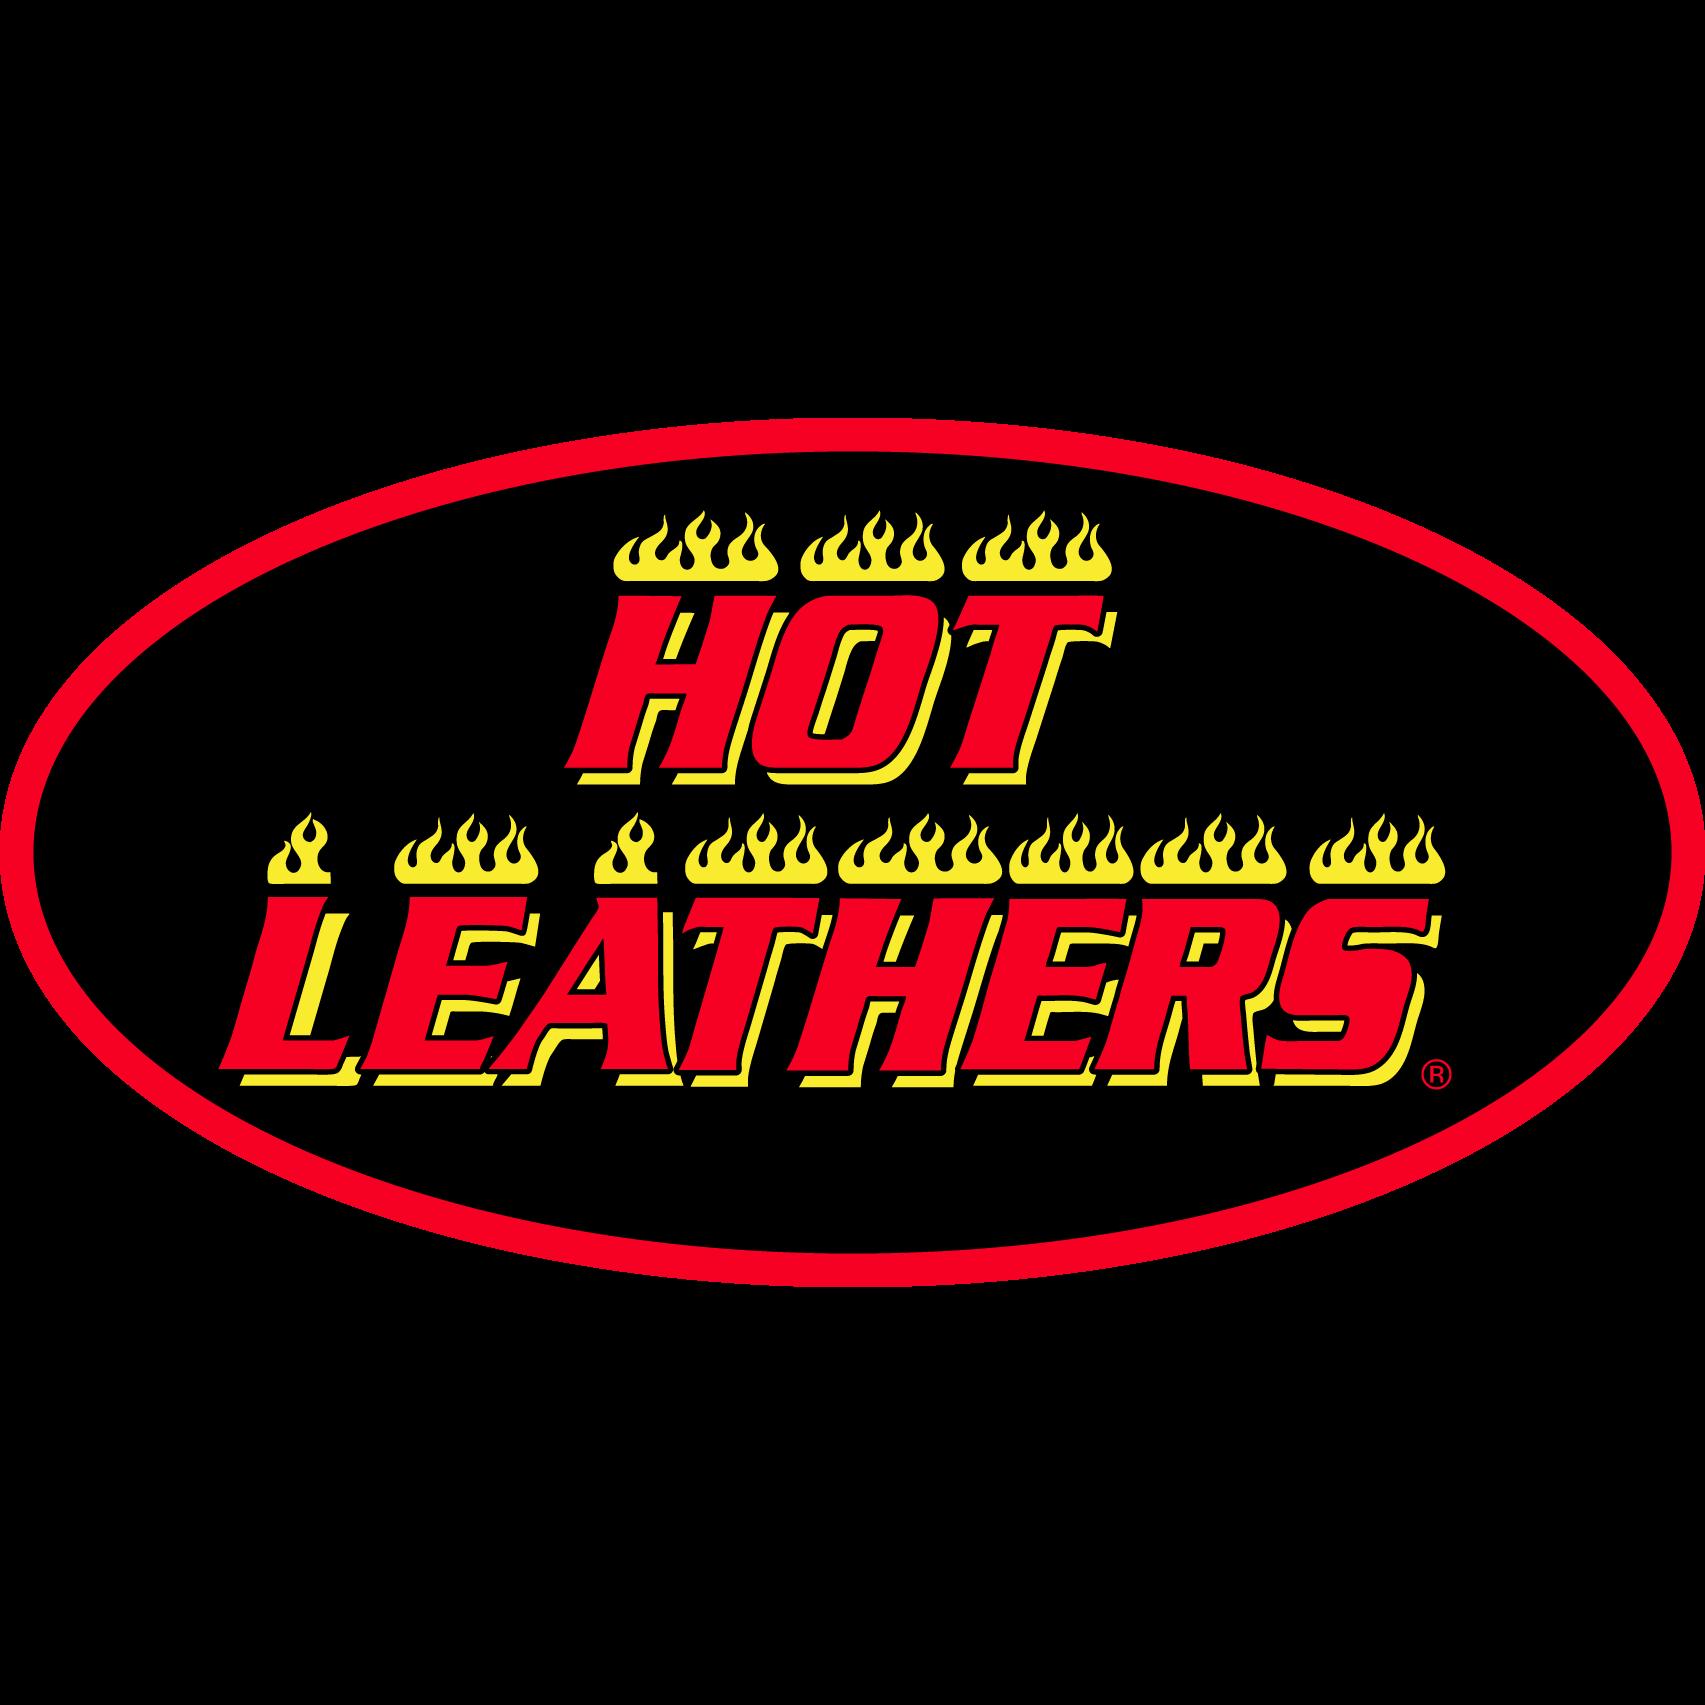 HOT LEATHERS LOGO